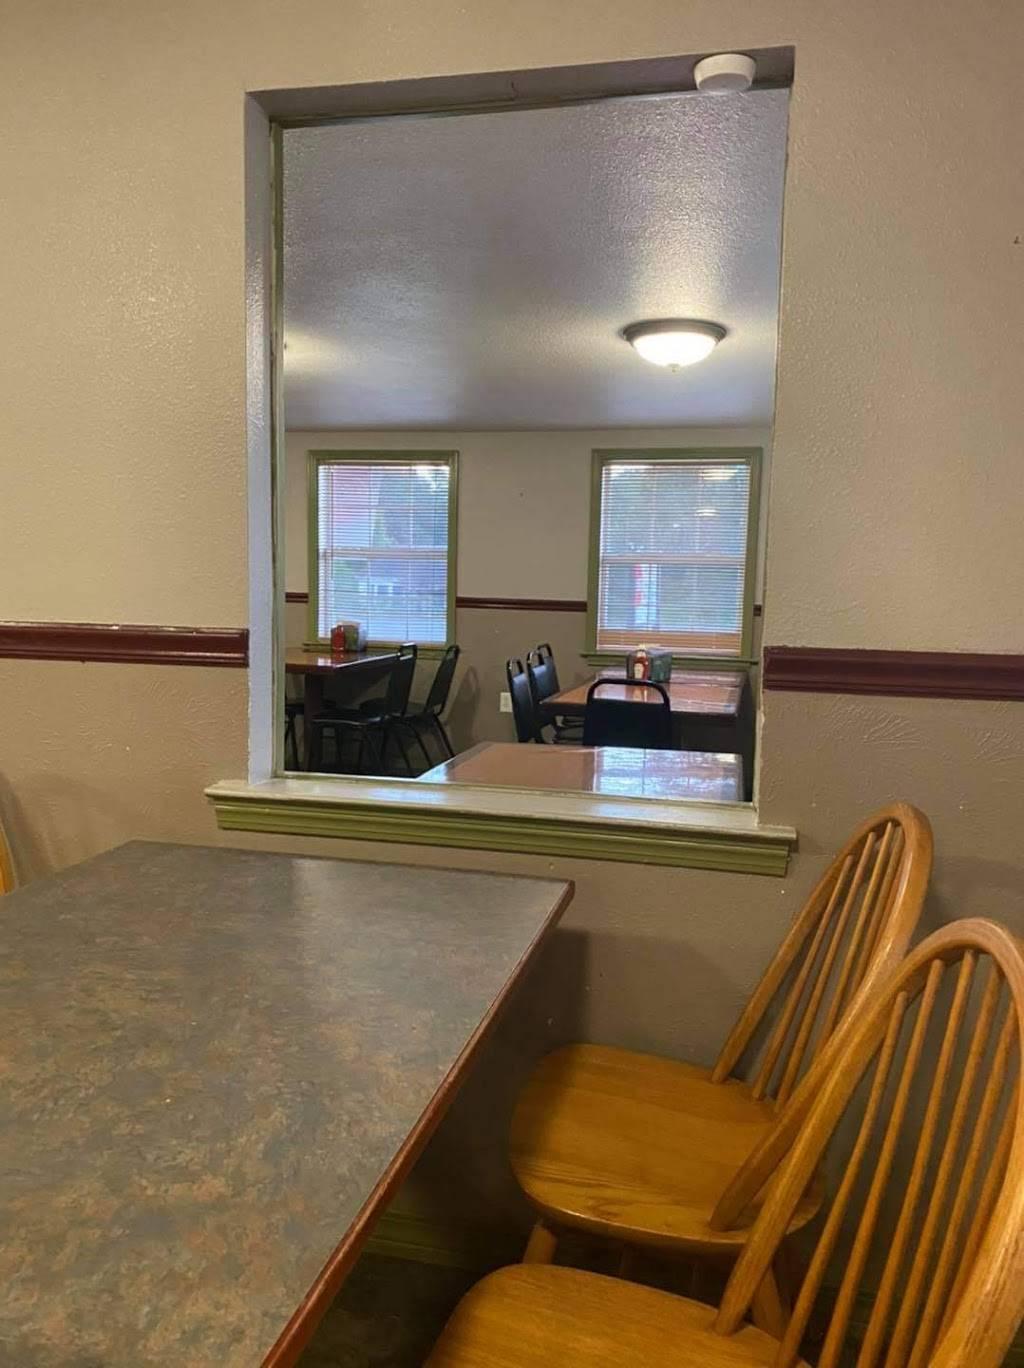 Ritas   restaurant   Lumberton, MS 39455, USA   7693015062 OR +1 769-301-5062